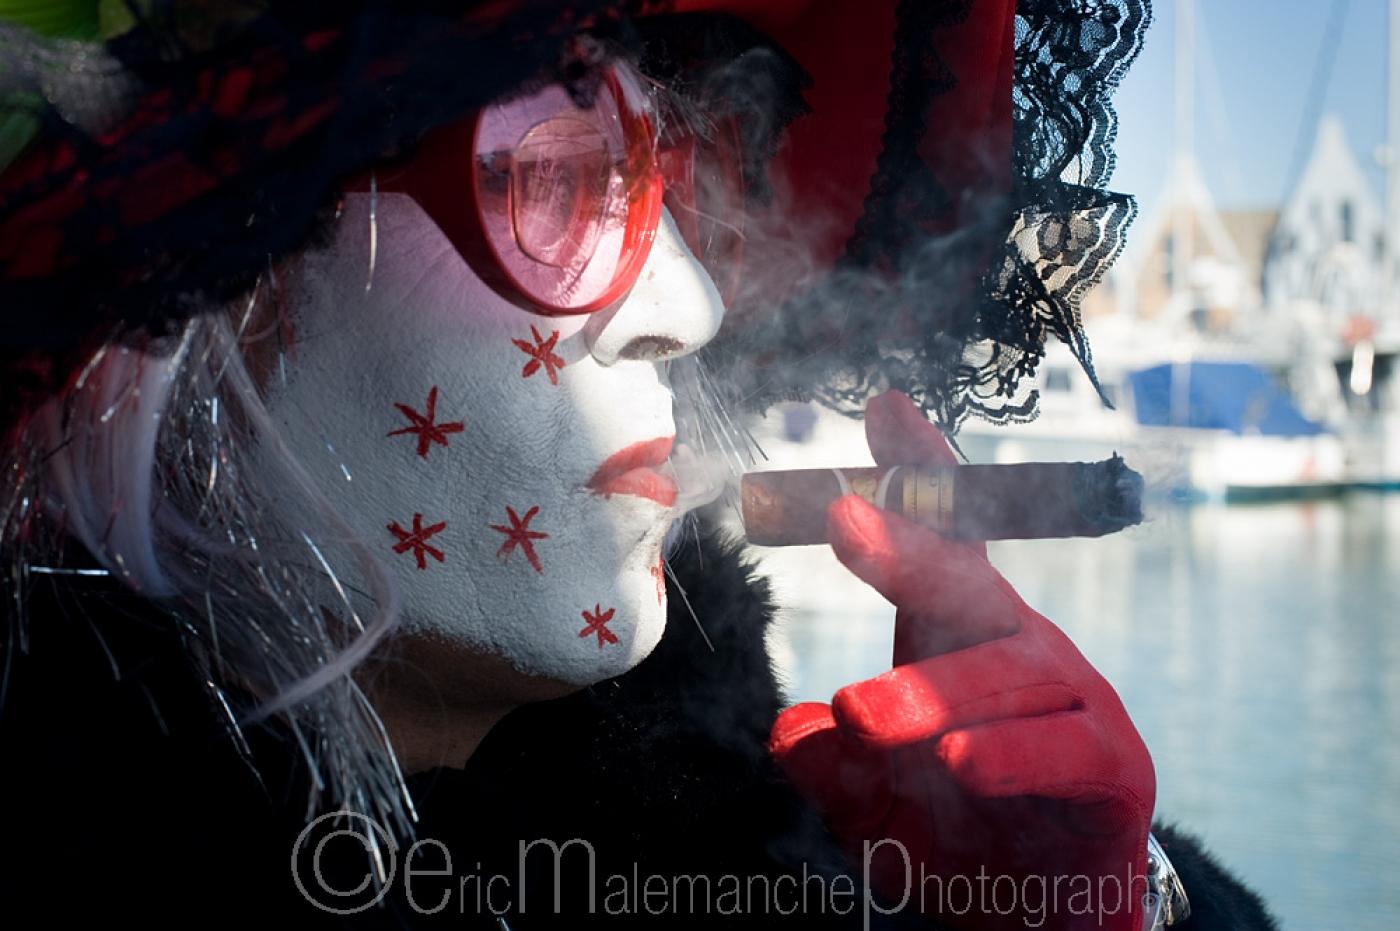 https://www.ericmalemanche.com/imagess/topics/carnaval-de-dunkerque/liste/Carnaval-Dunkerque-1214.jpg